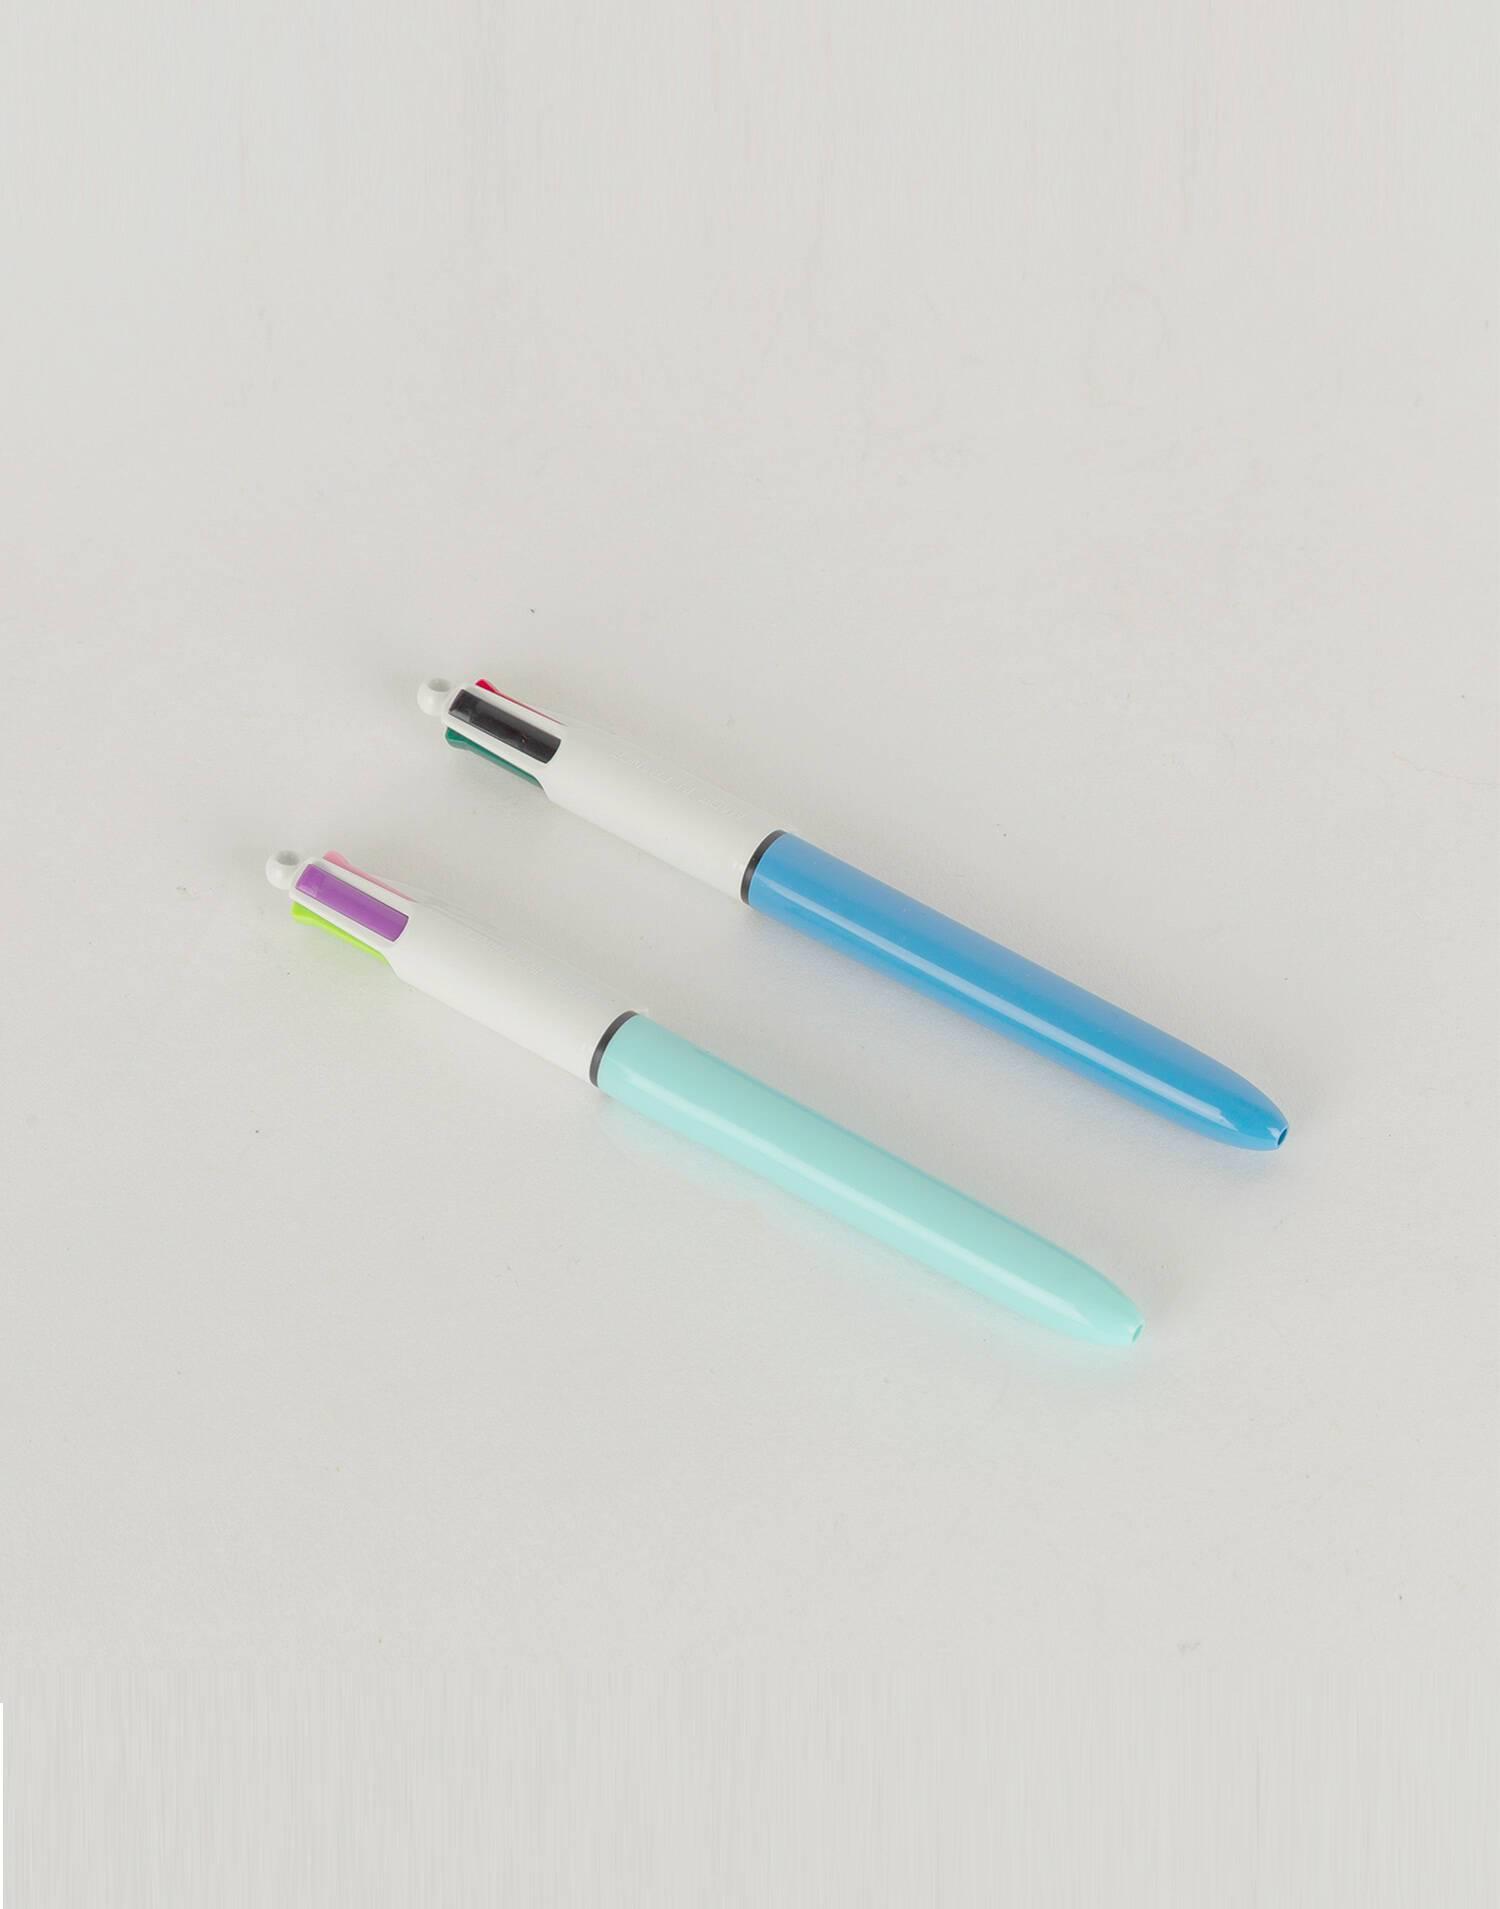 Blue bic pen 4 colors